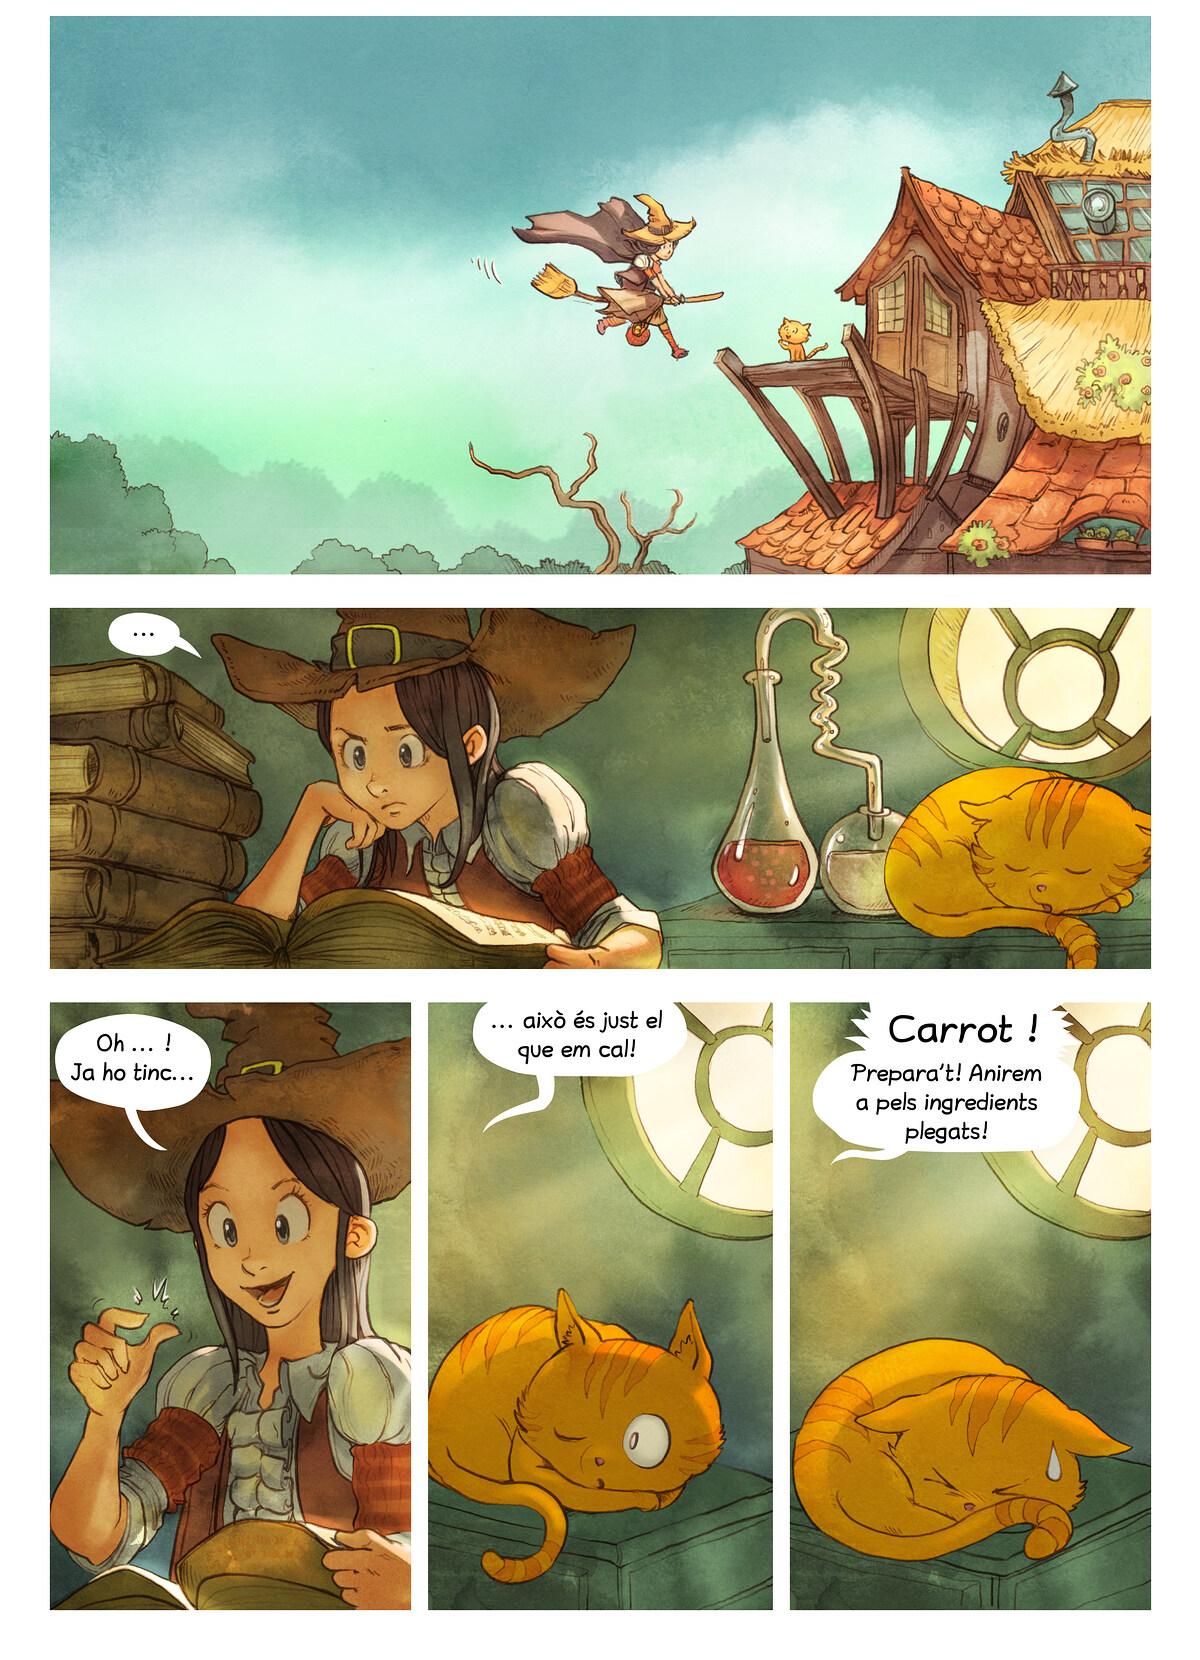 A webcomic page of Pepper&Carrot, episodi 3 [ca], pàgina 4